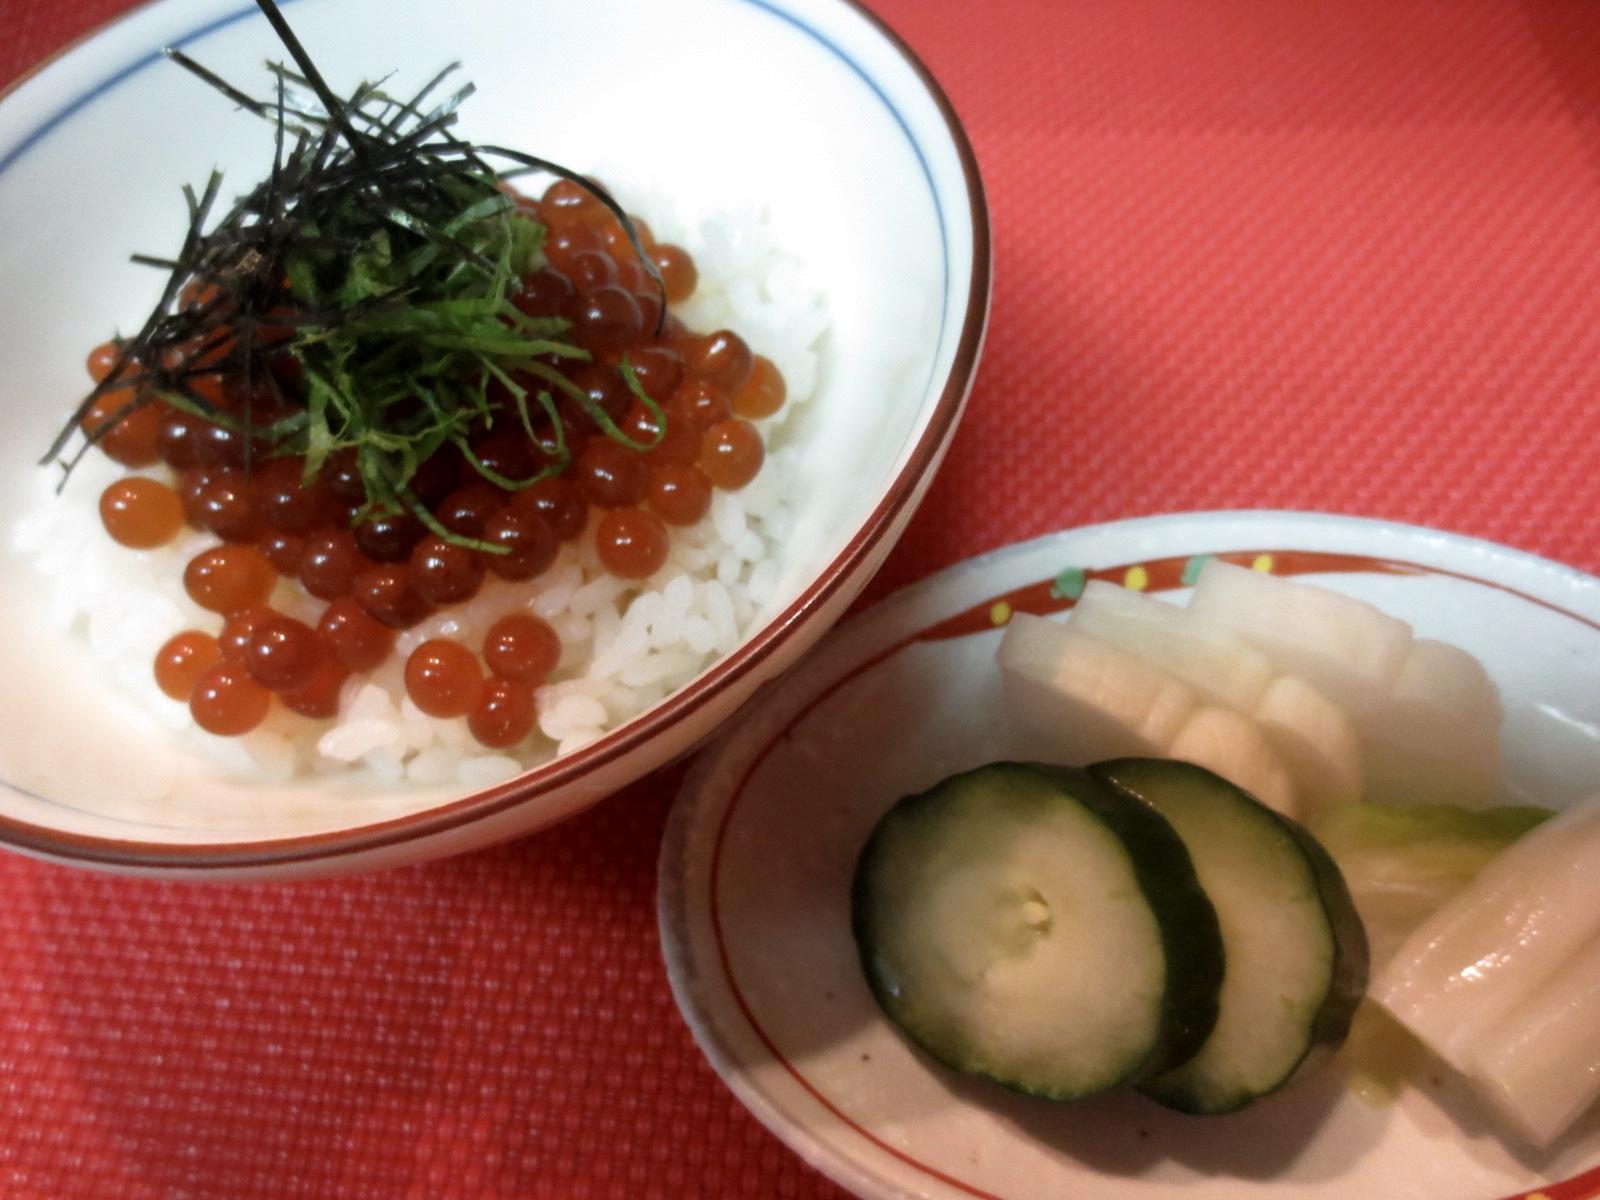 イクラ醤油漬け(自家製)のせご飯